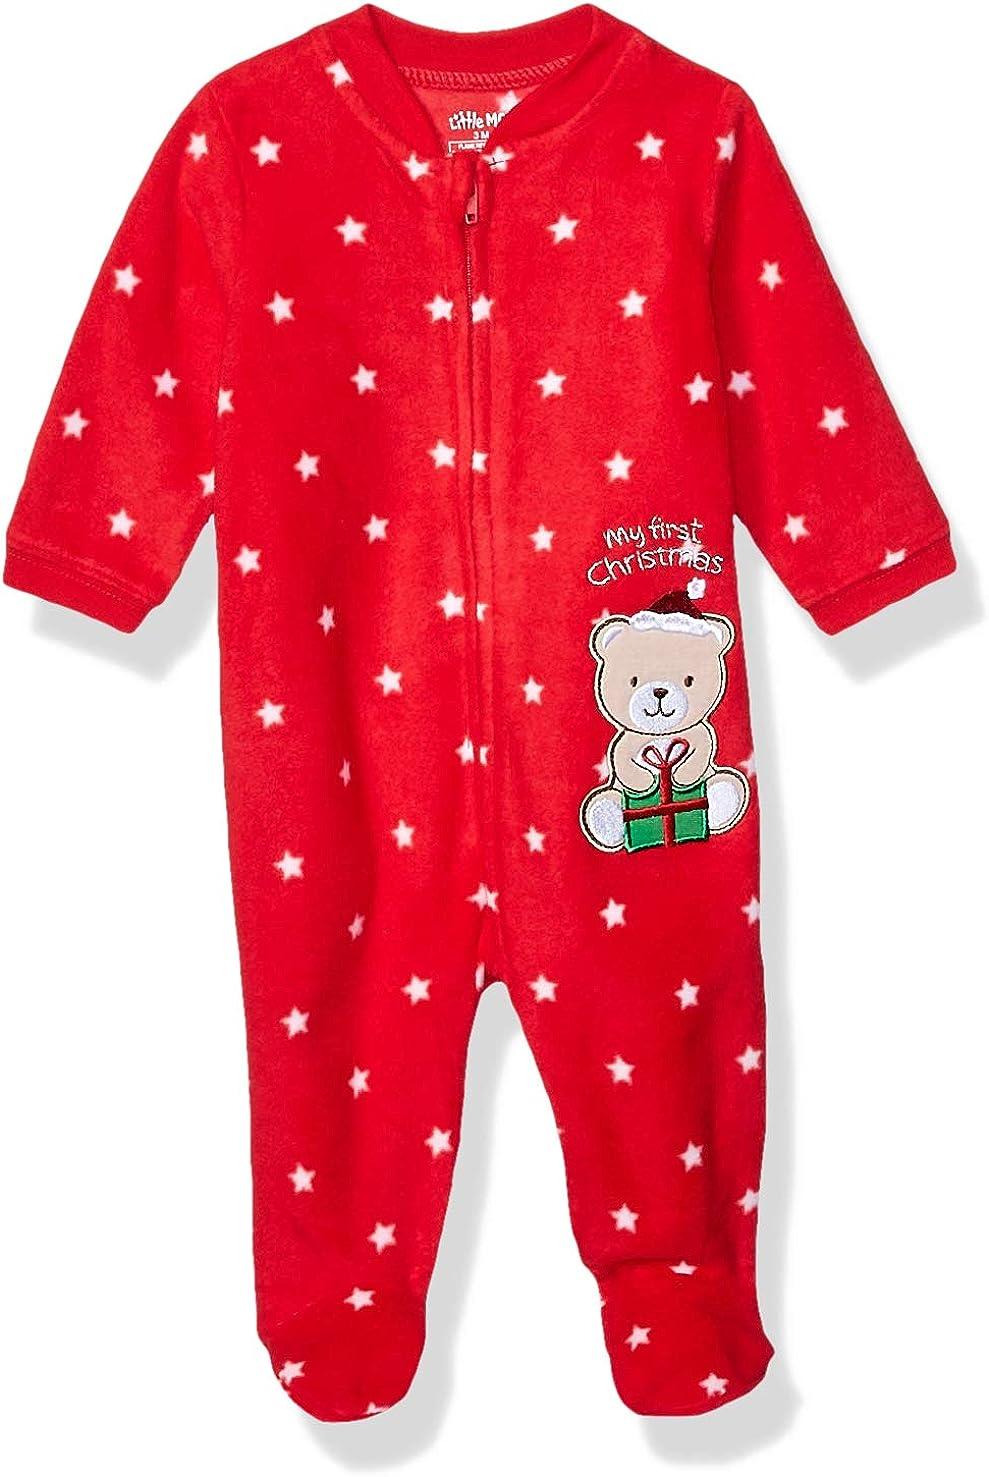 Little Me Baby Holiday Blanket Sleeper